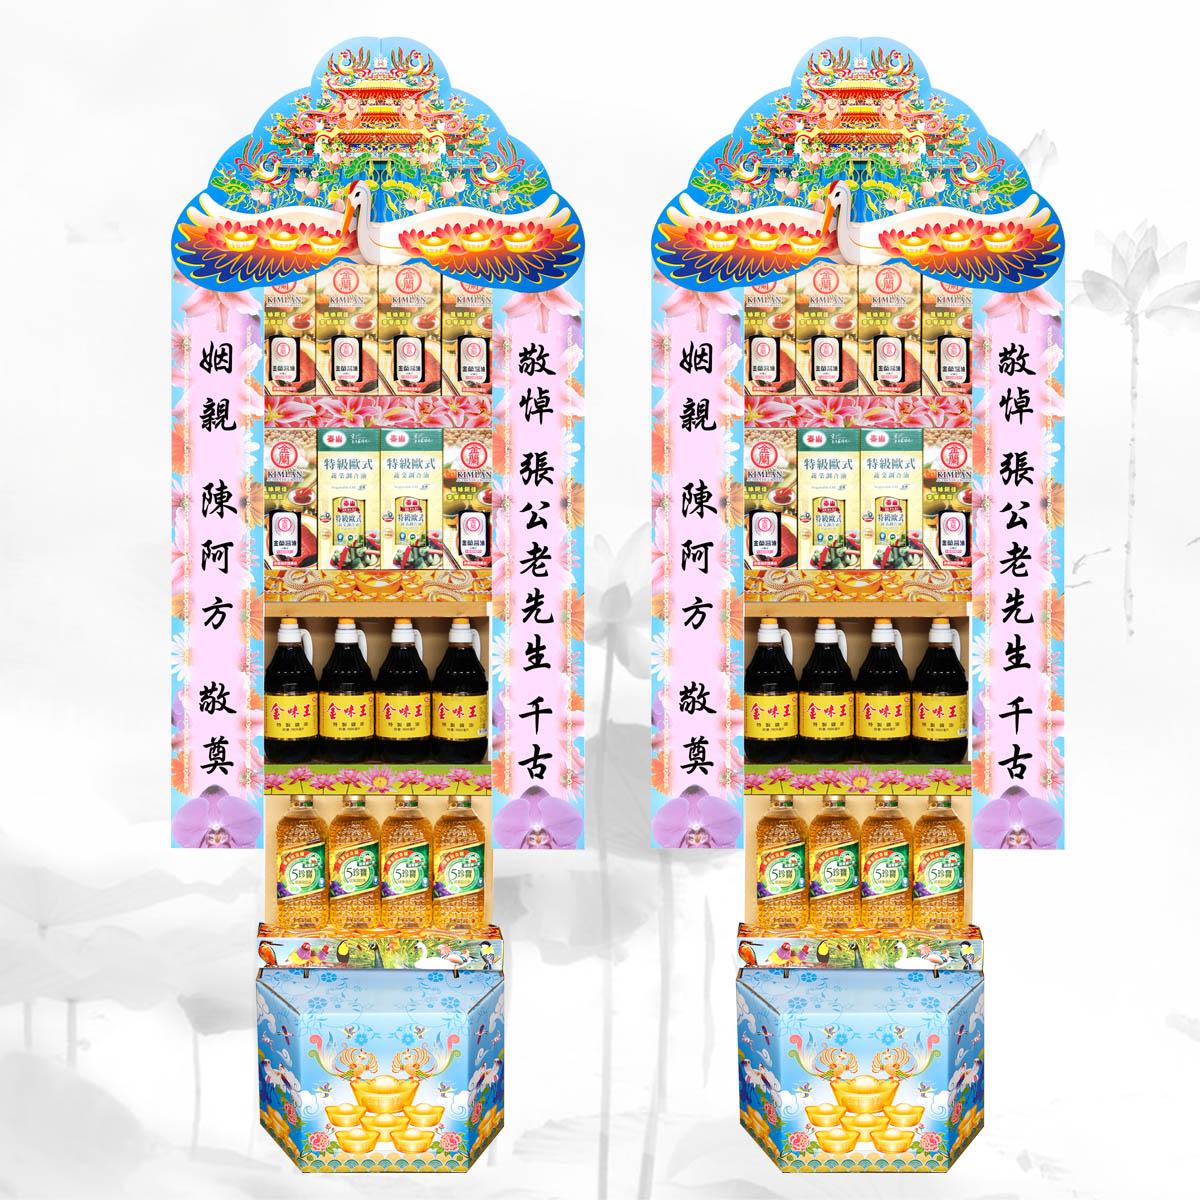 喪禮用罐頭塔-63-8 罐頭禮籃